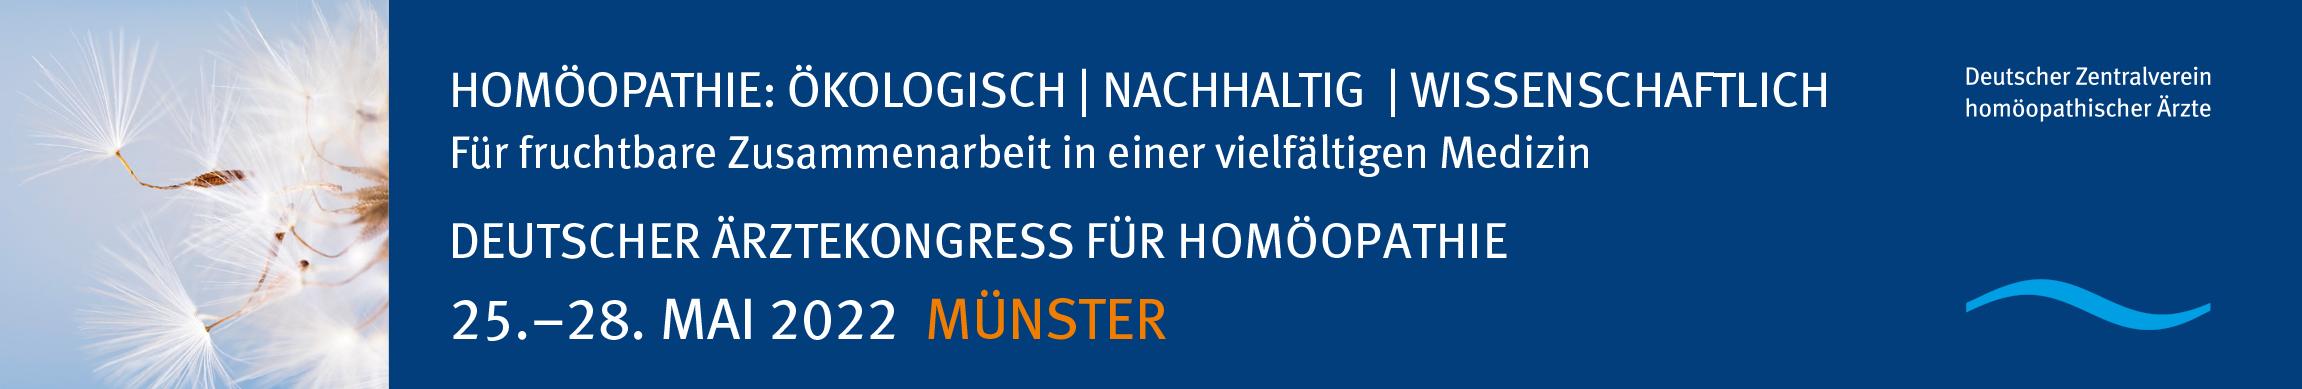 https://2022.homoeopathie-kongress.de